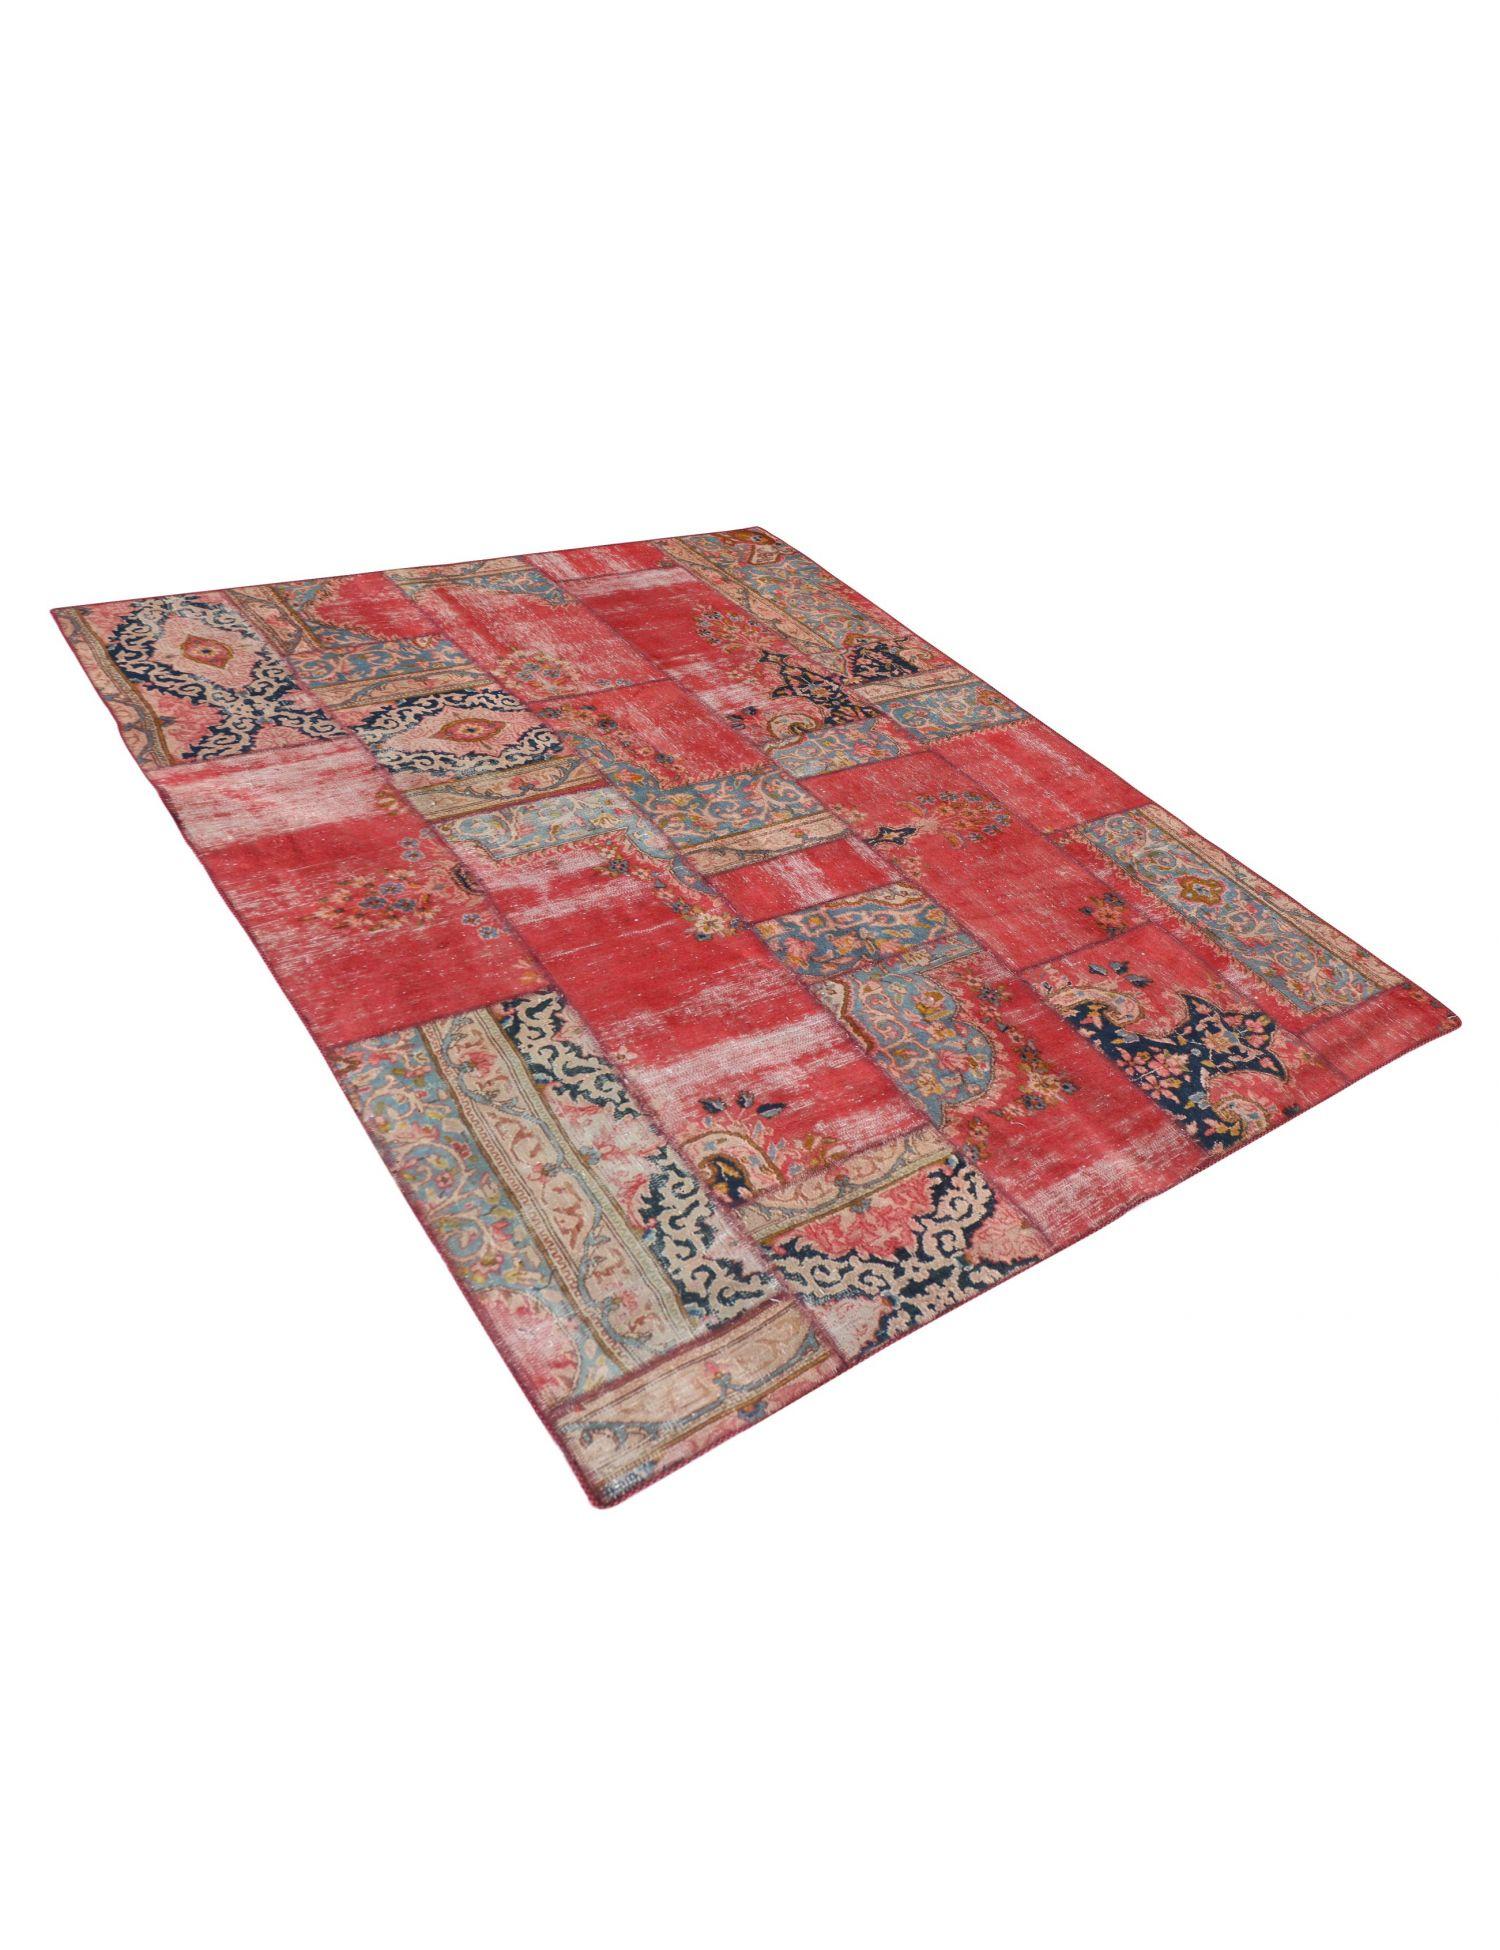 Persischer patchwork Teppich  mehrfarbig <br/>244 x 194 cm